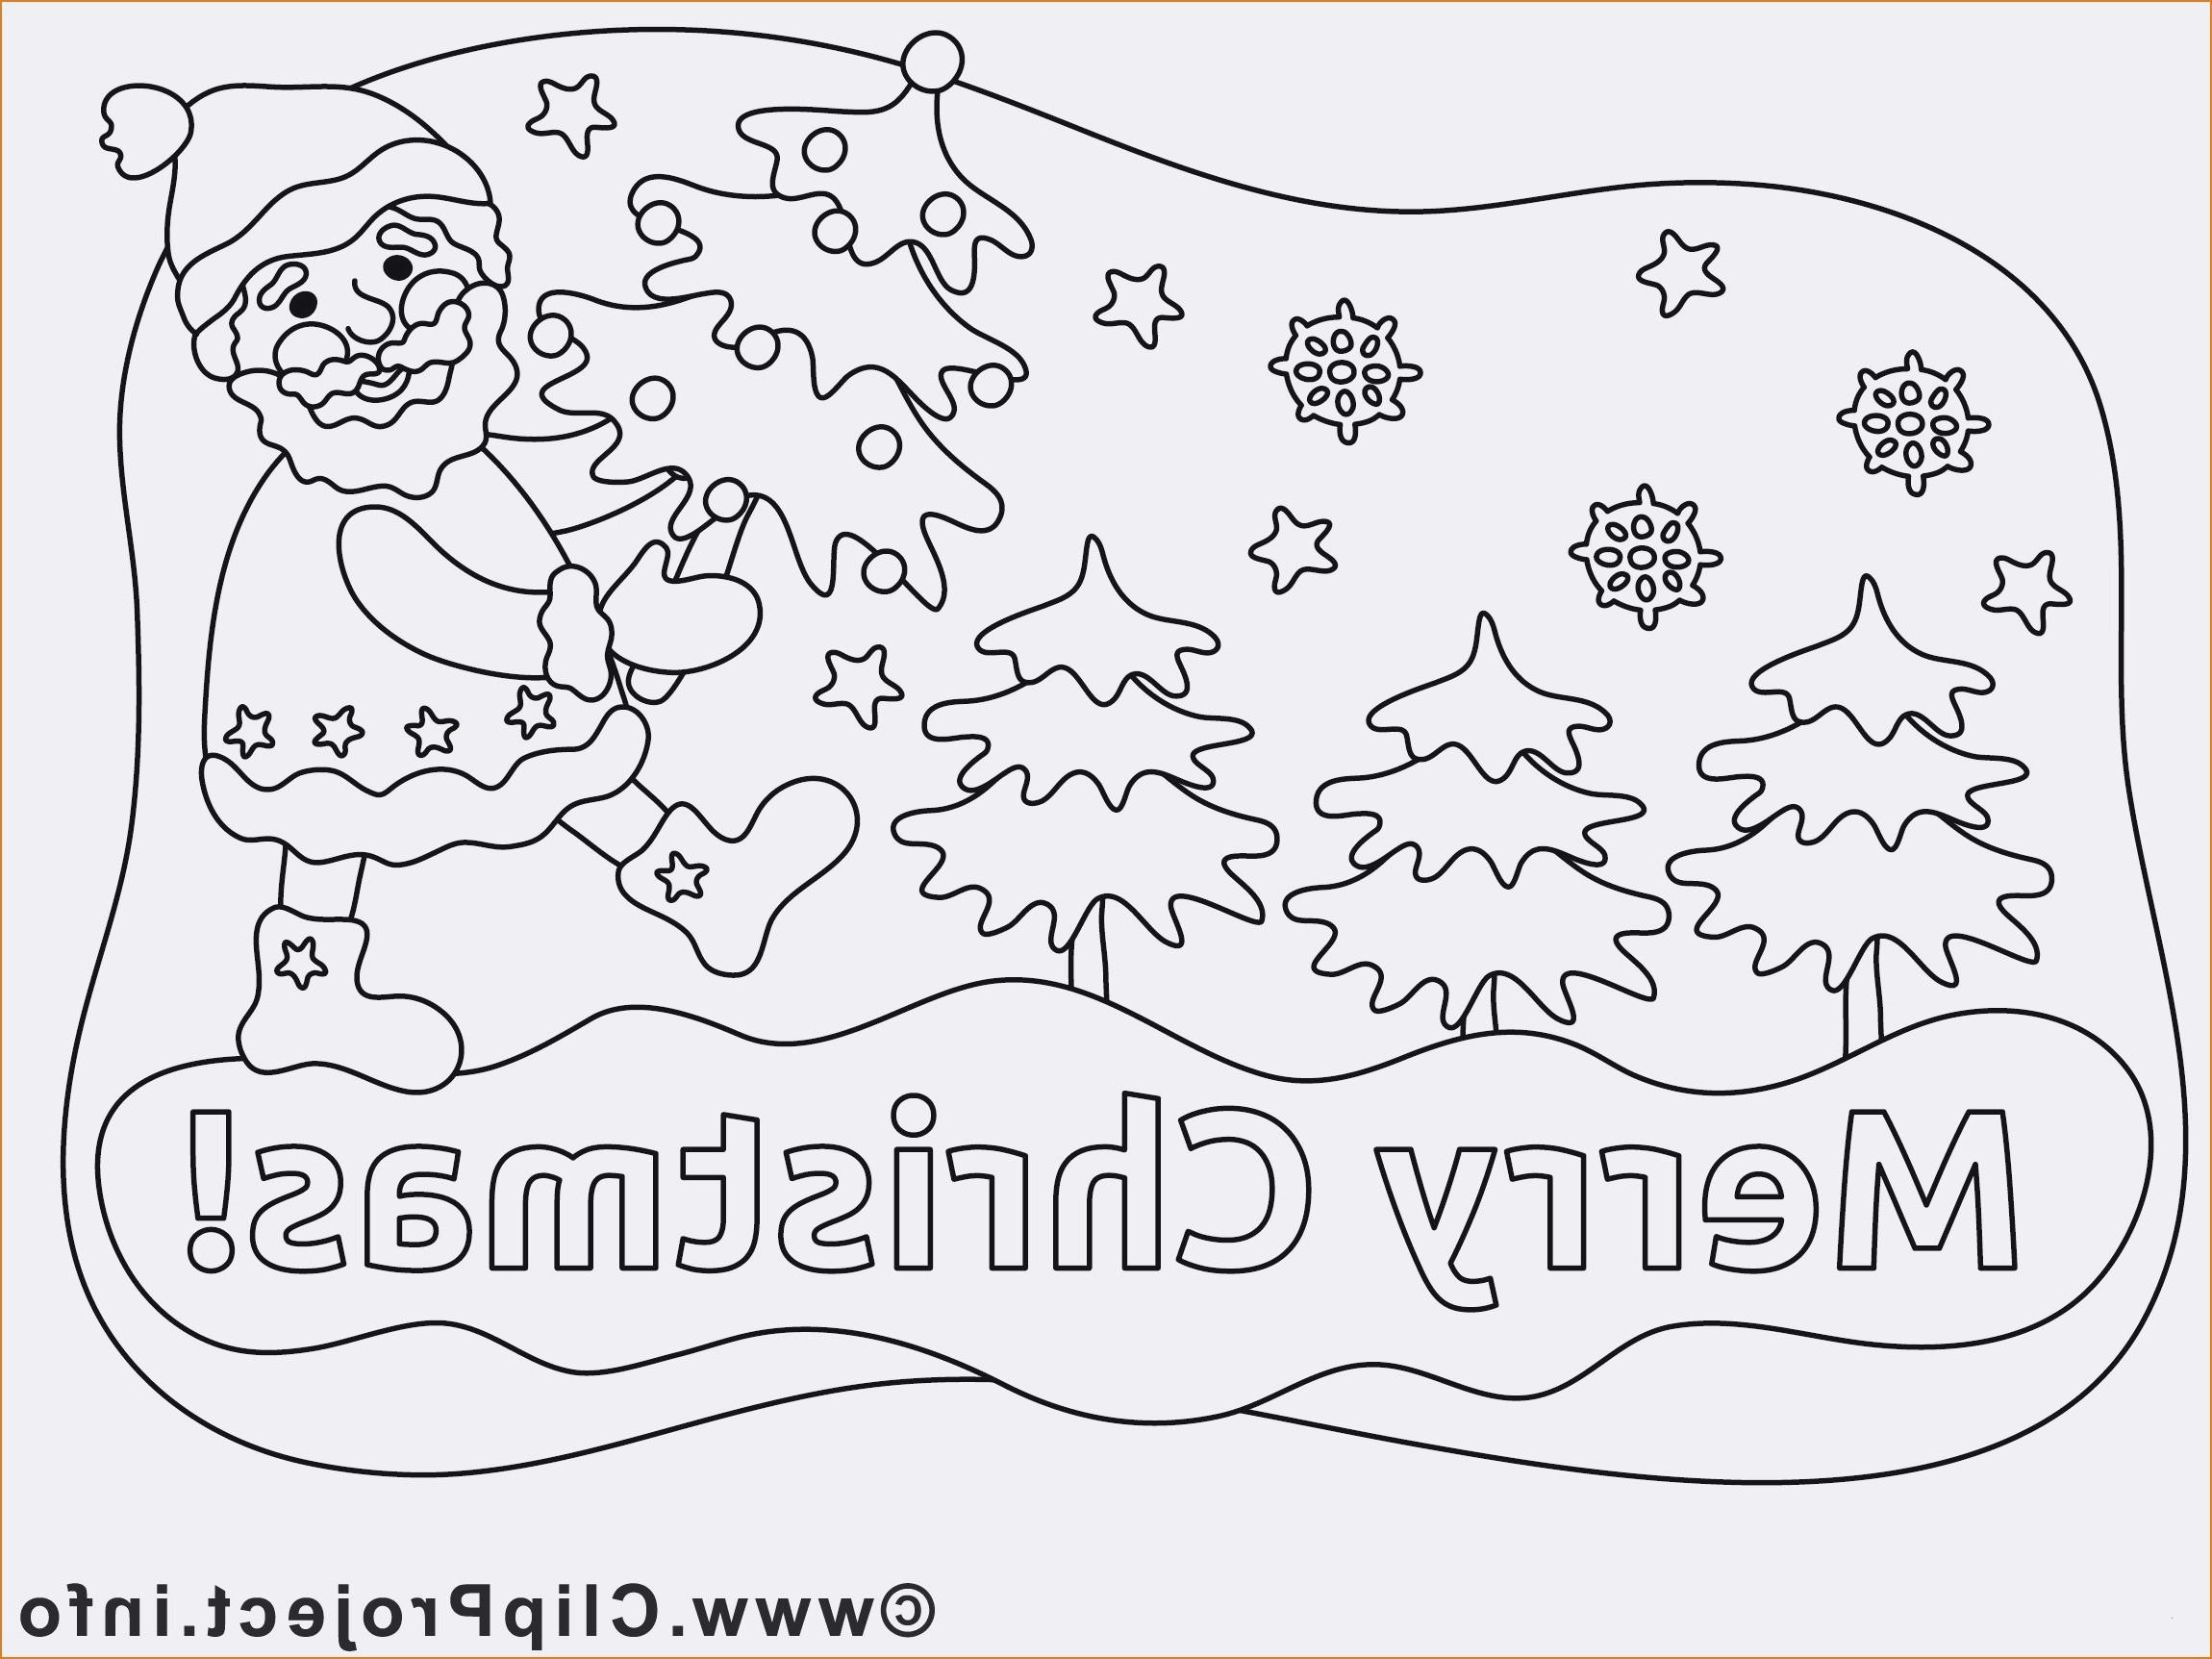 Window Color Malvorlagen Weihnachten Kostenlos Neu 44 Lecker Ausmalbilder Weihnachtsmann Mit Rentierschlitten – Große Bild